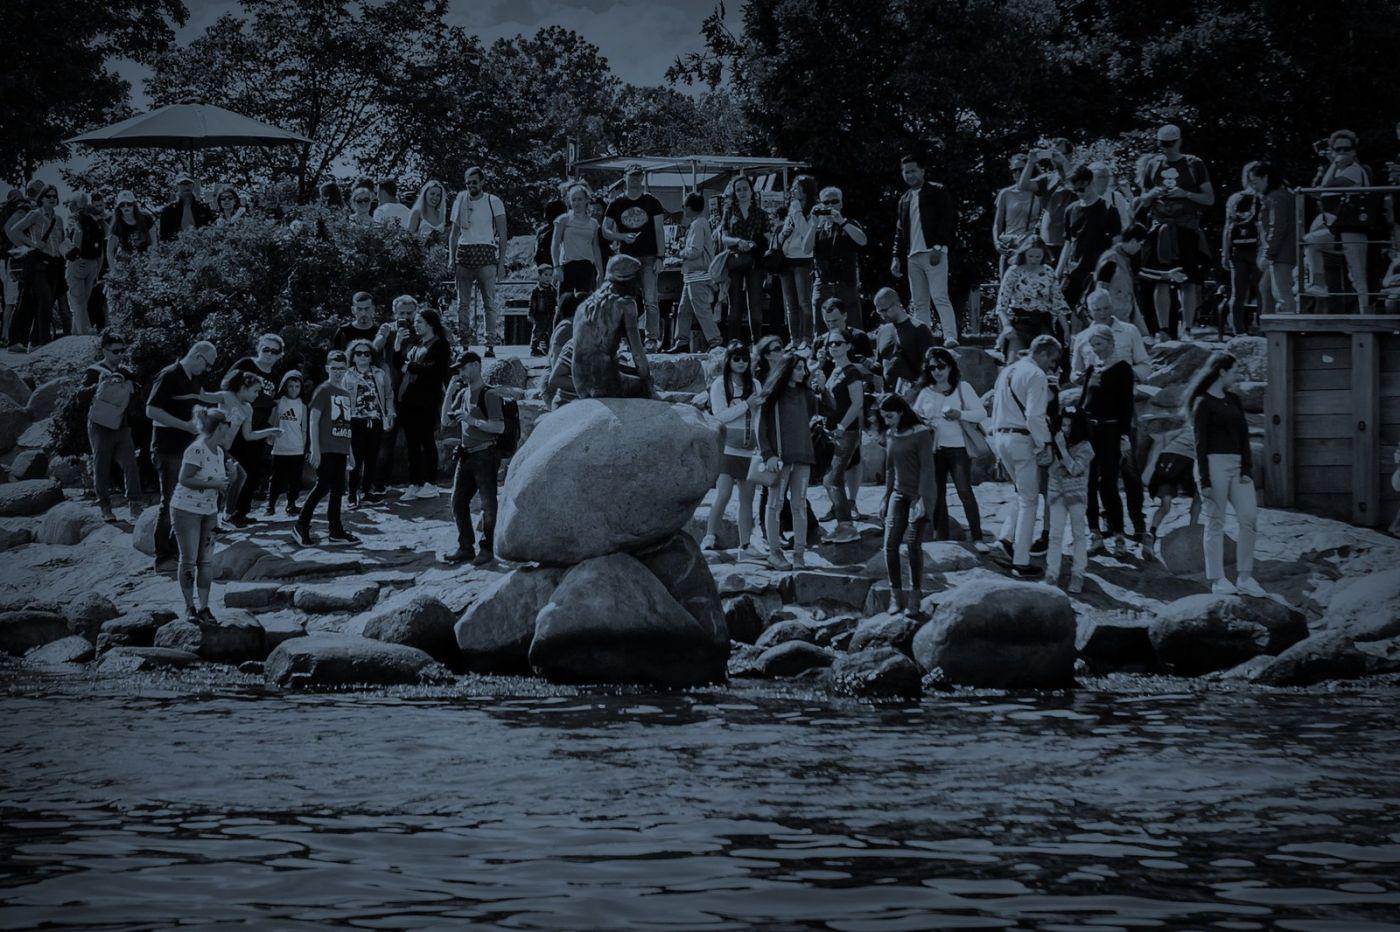 丹麦哥本哈根,坐船看市景_图1-7